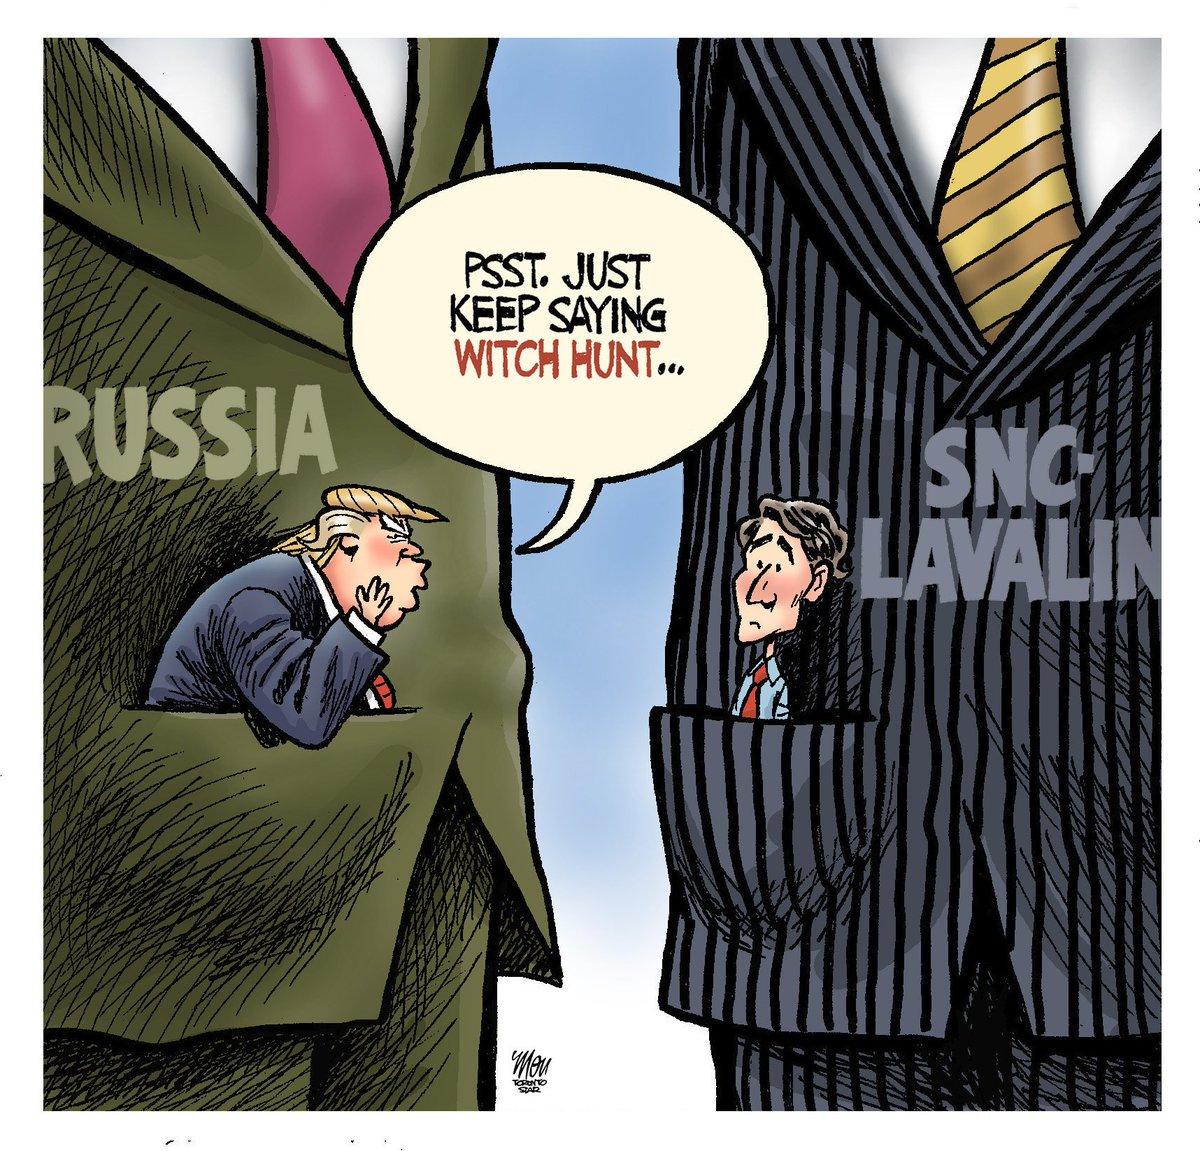 Here's Tuesday's #SNCLavalin cartoon in @TorontoStar #cdnpoli